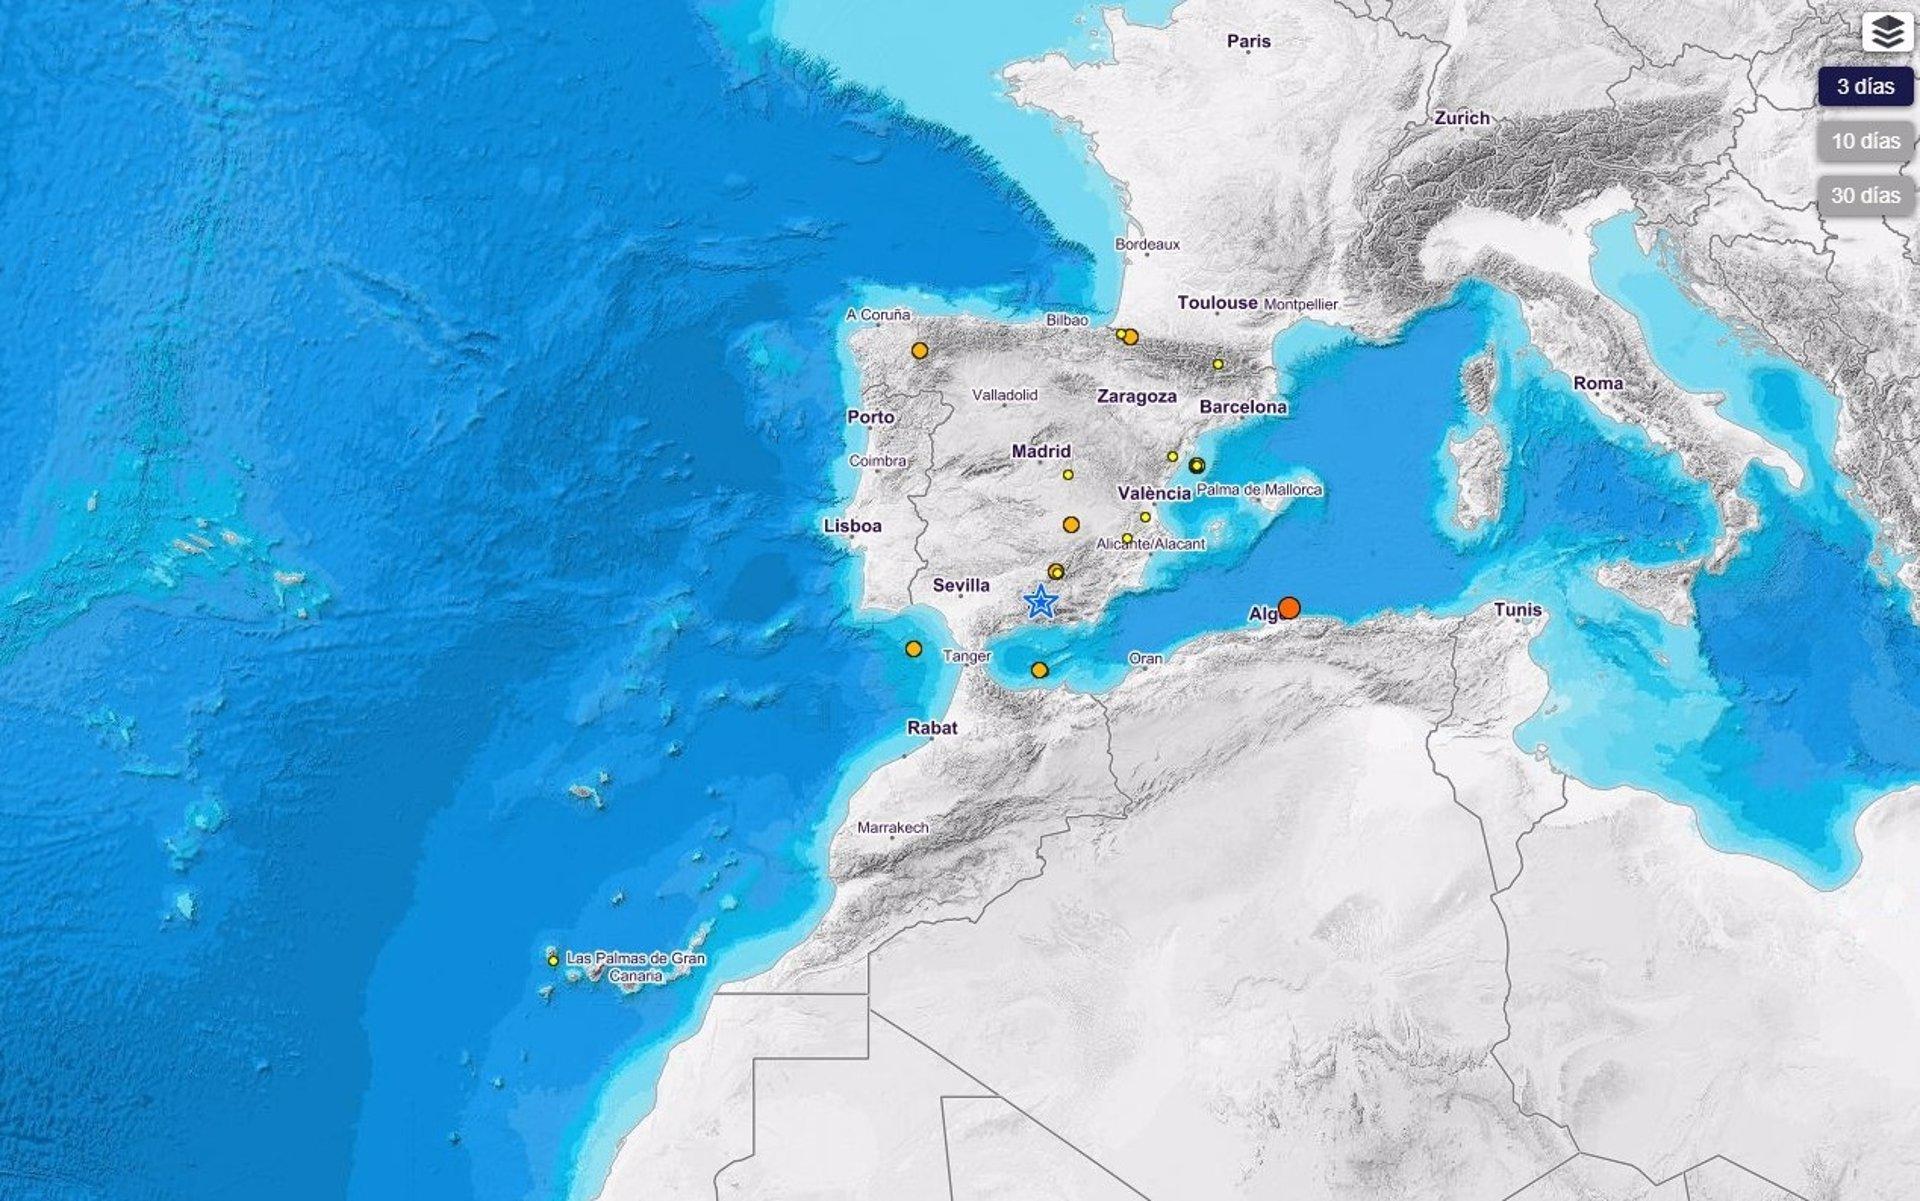 Granada registra nuevos terremotos de baja intensidad a lo largo del día